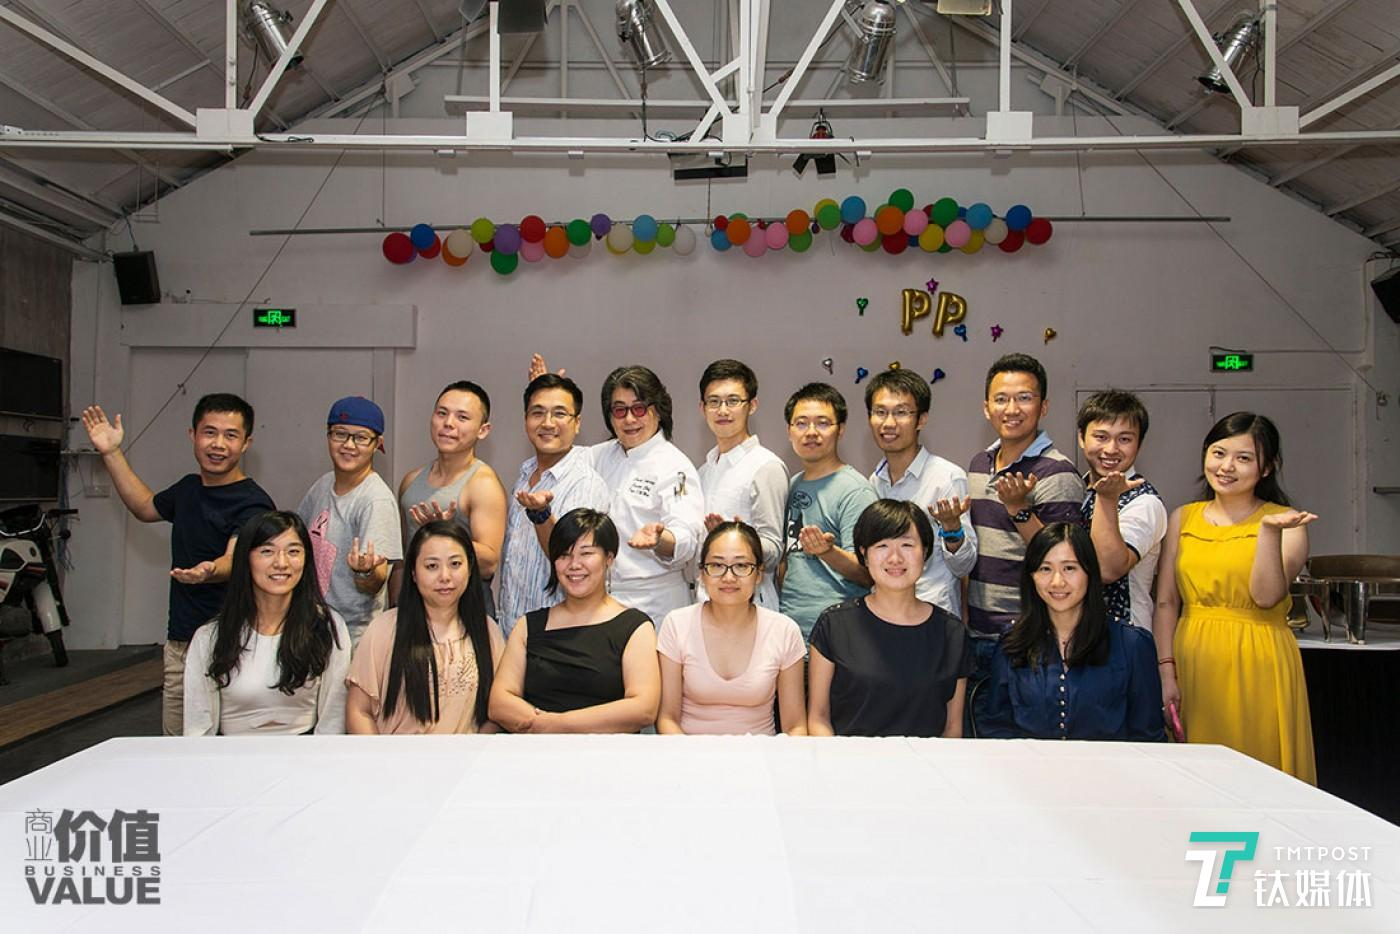 去公共厨房吃顿私房菜,中国式食客创造的O2O餐饮新生意-钛媒体官方网站